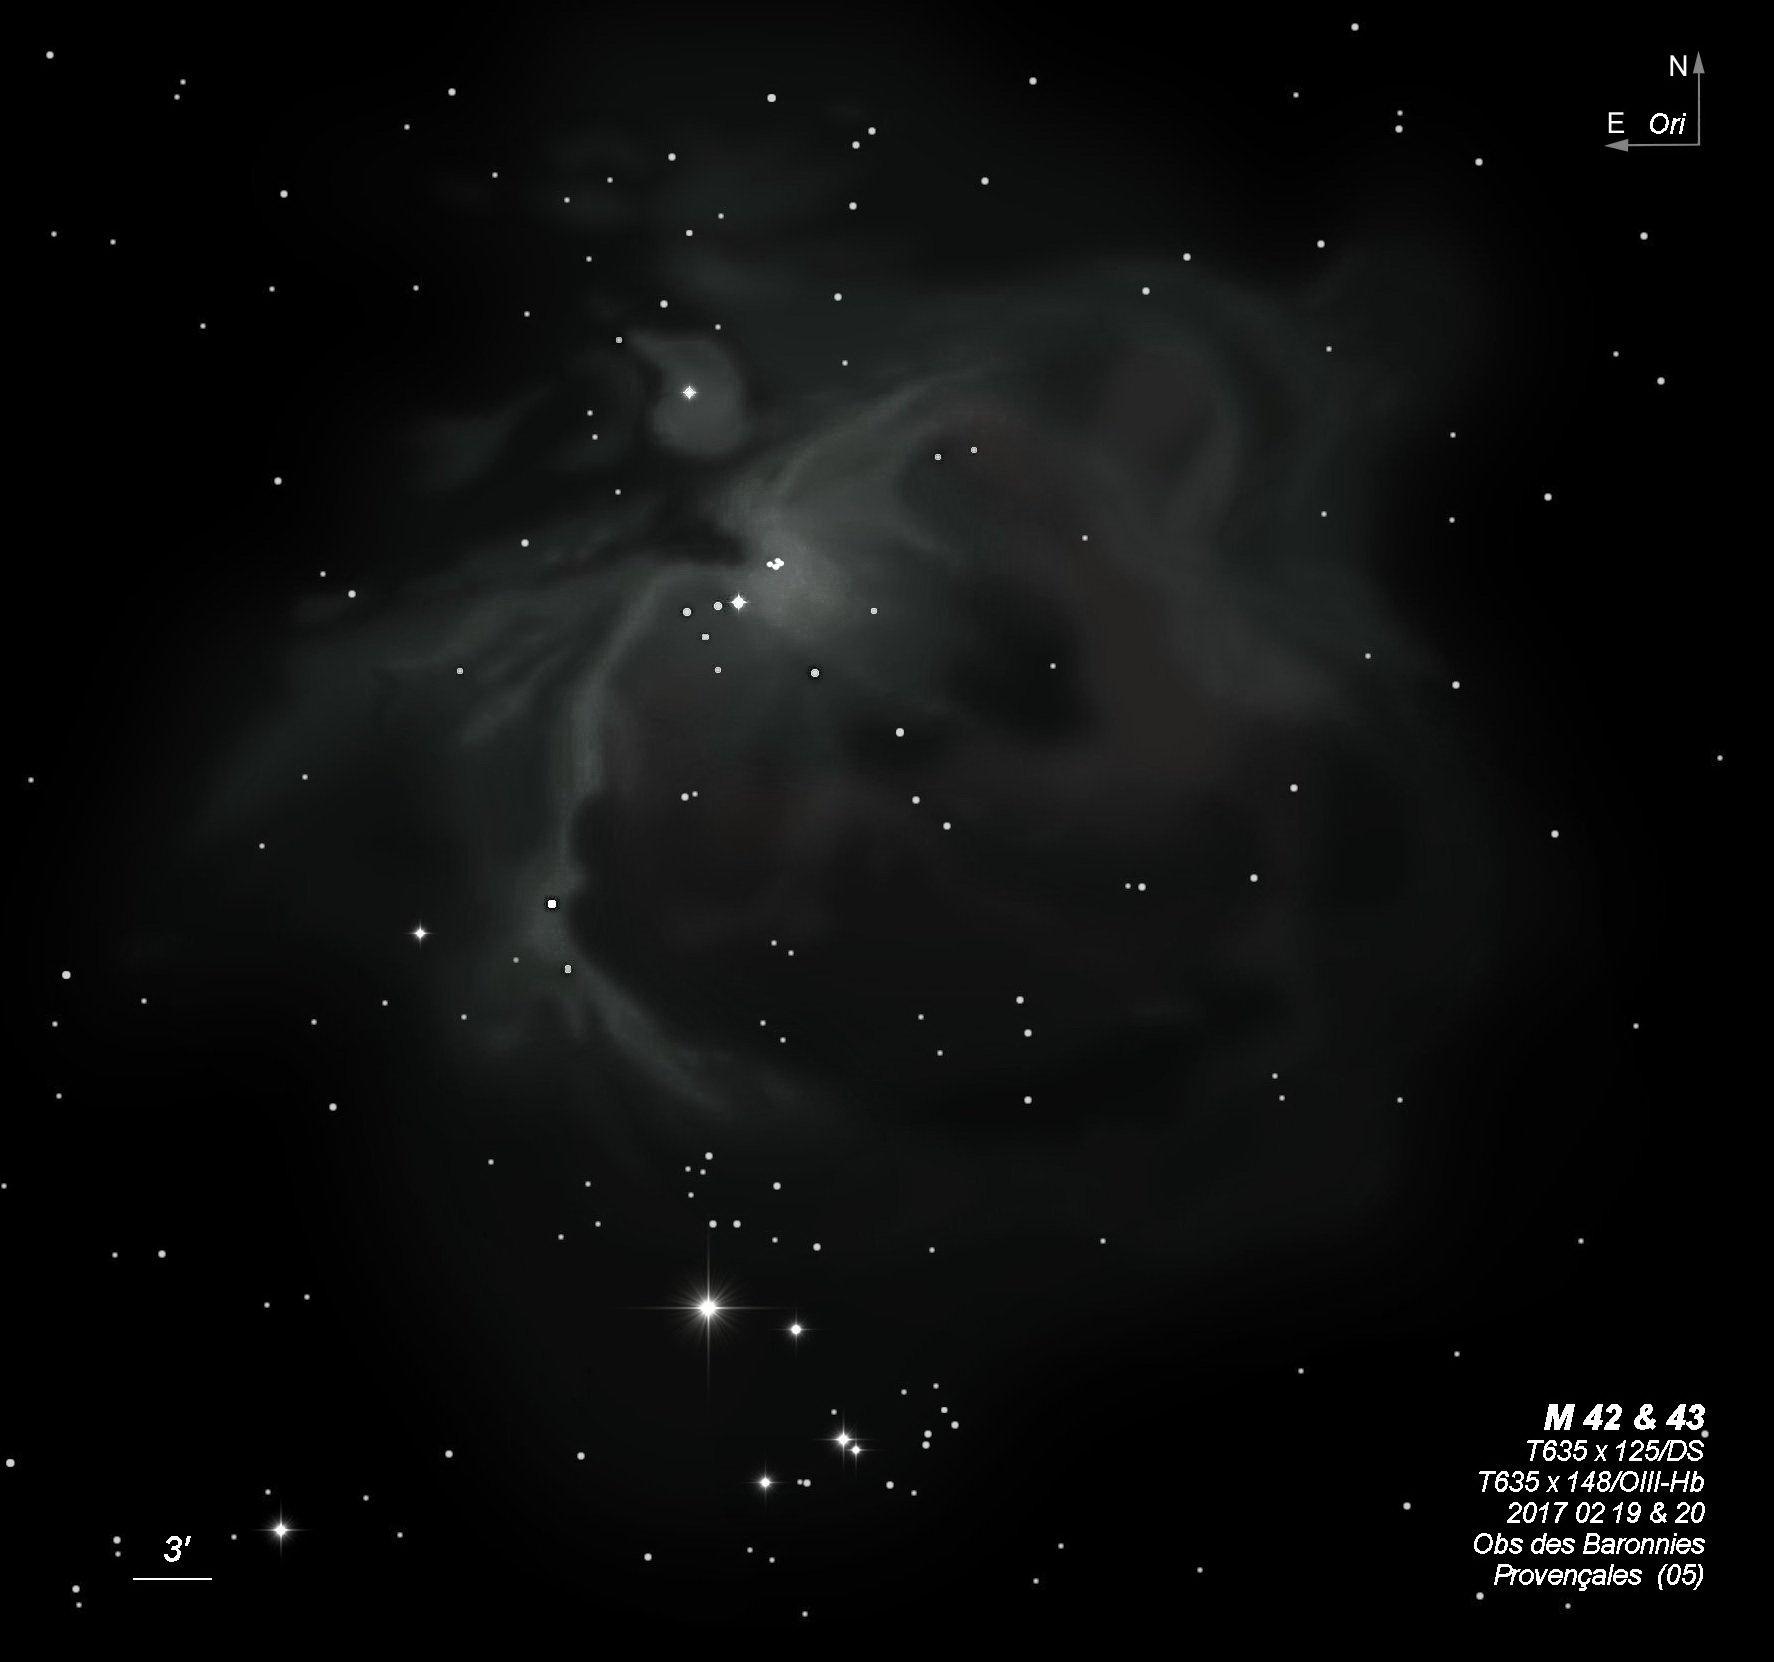 M 42 43  T635 BL 2017 02 19&20 field large.jpeg